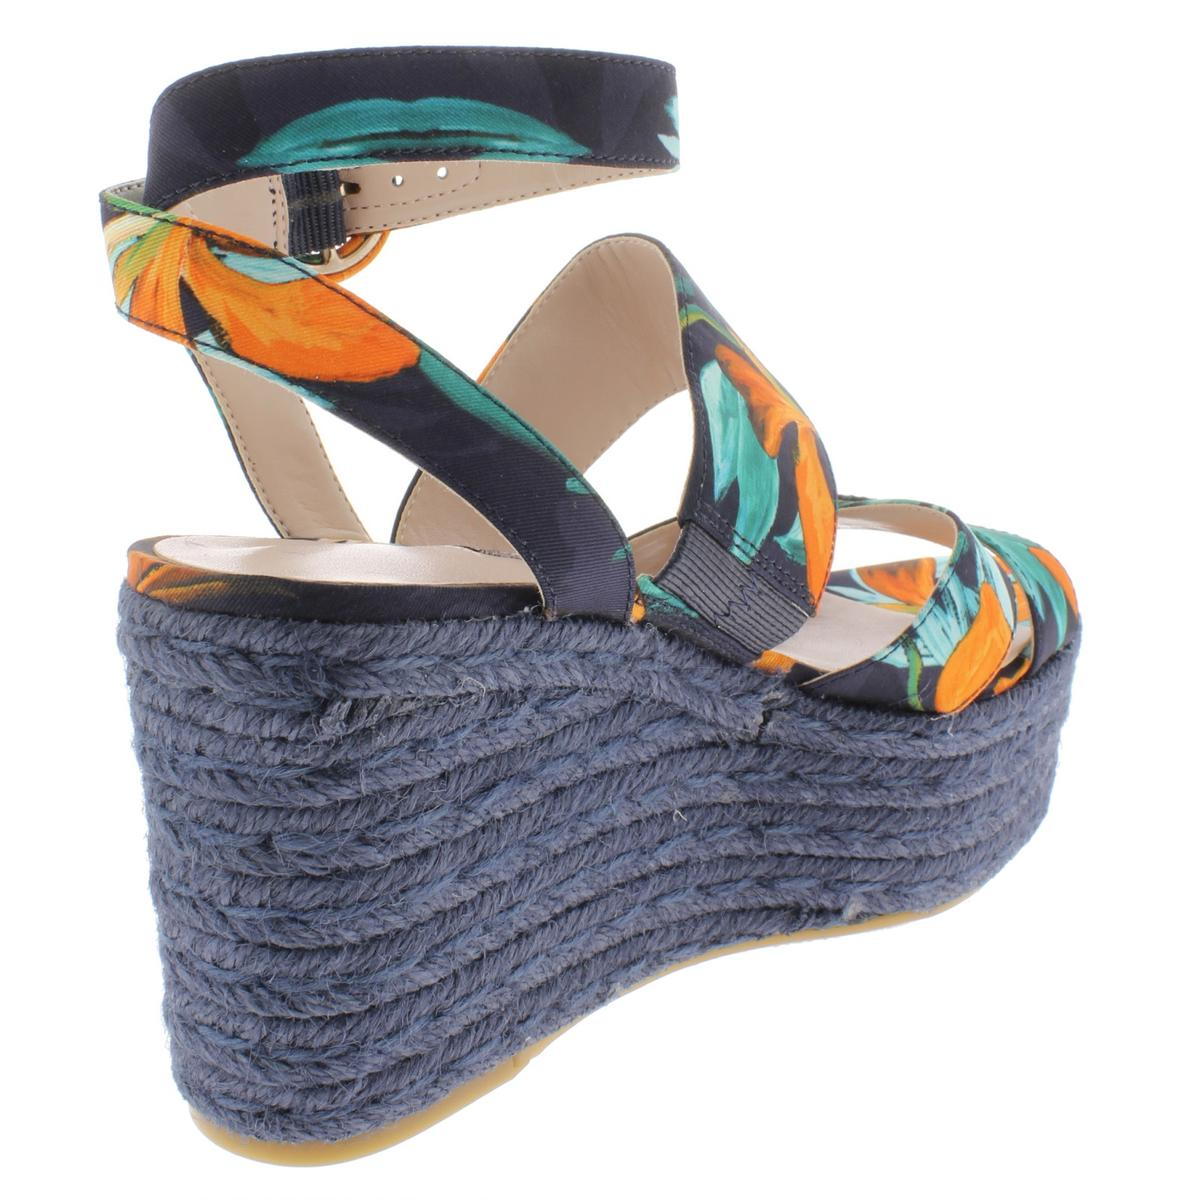 Nine-West-Womens-Kushala-Nubuck-Espadrille-Wedge-Sandals-Shoes-BHFO-7013 thumbnail 6